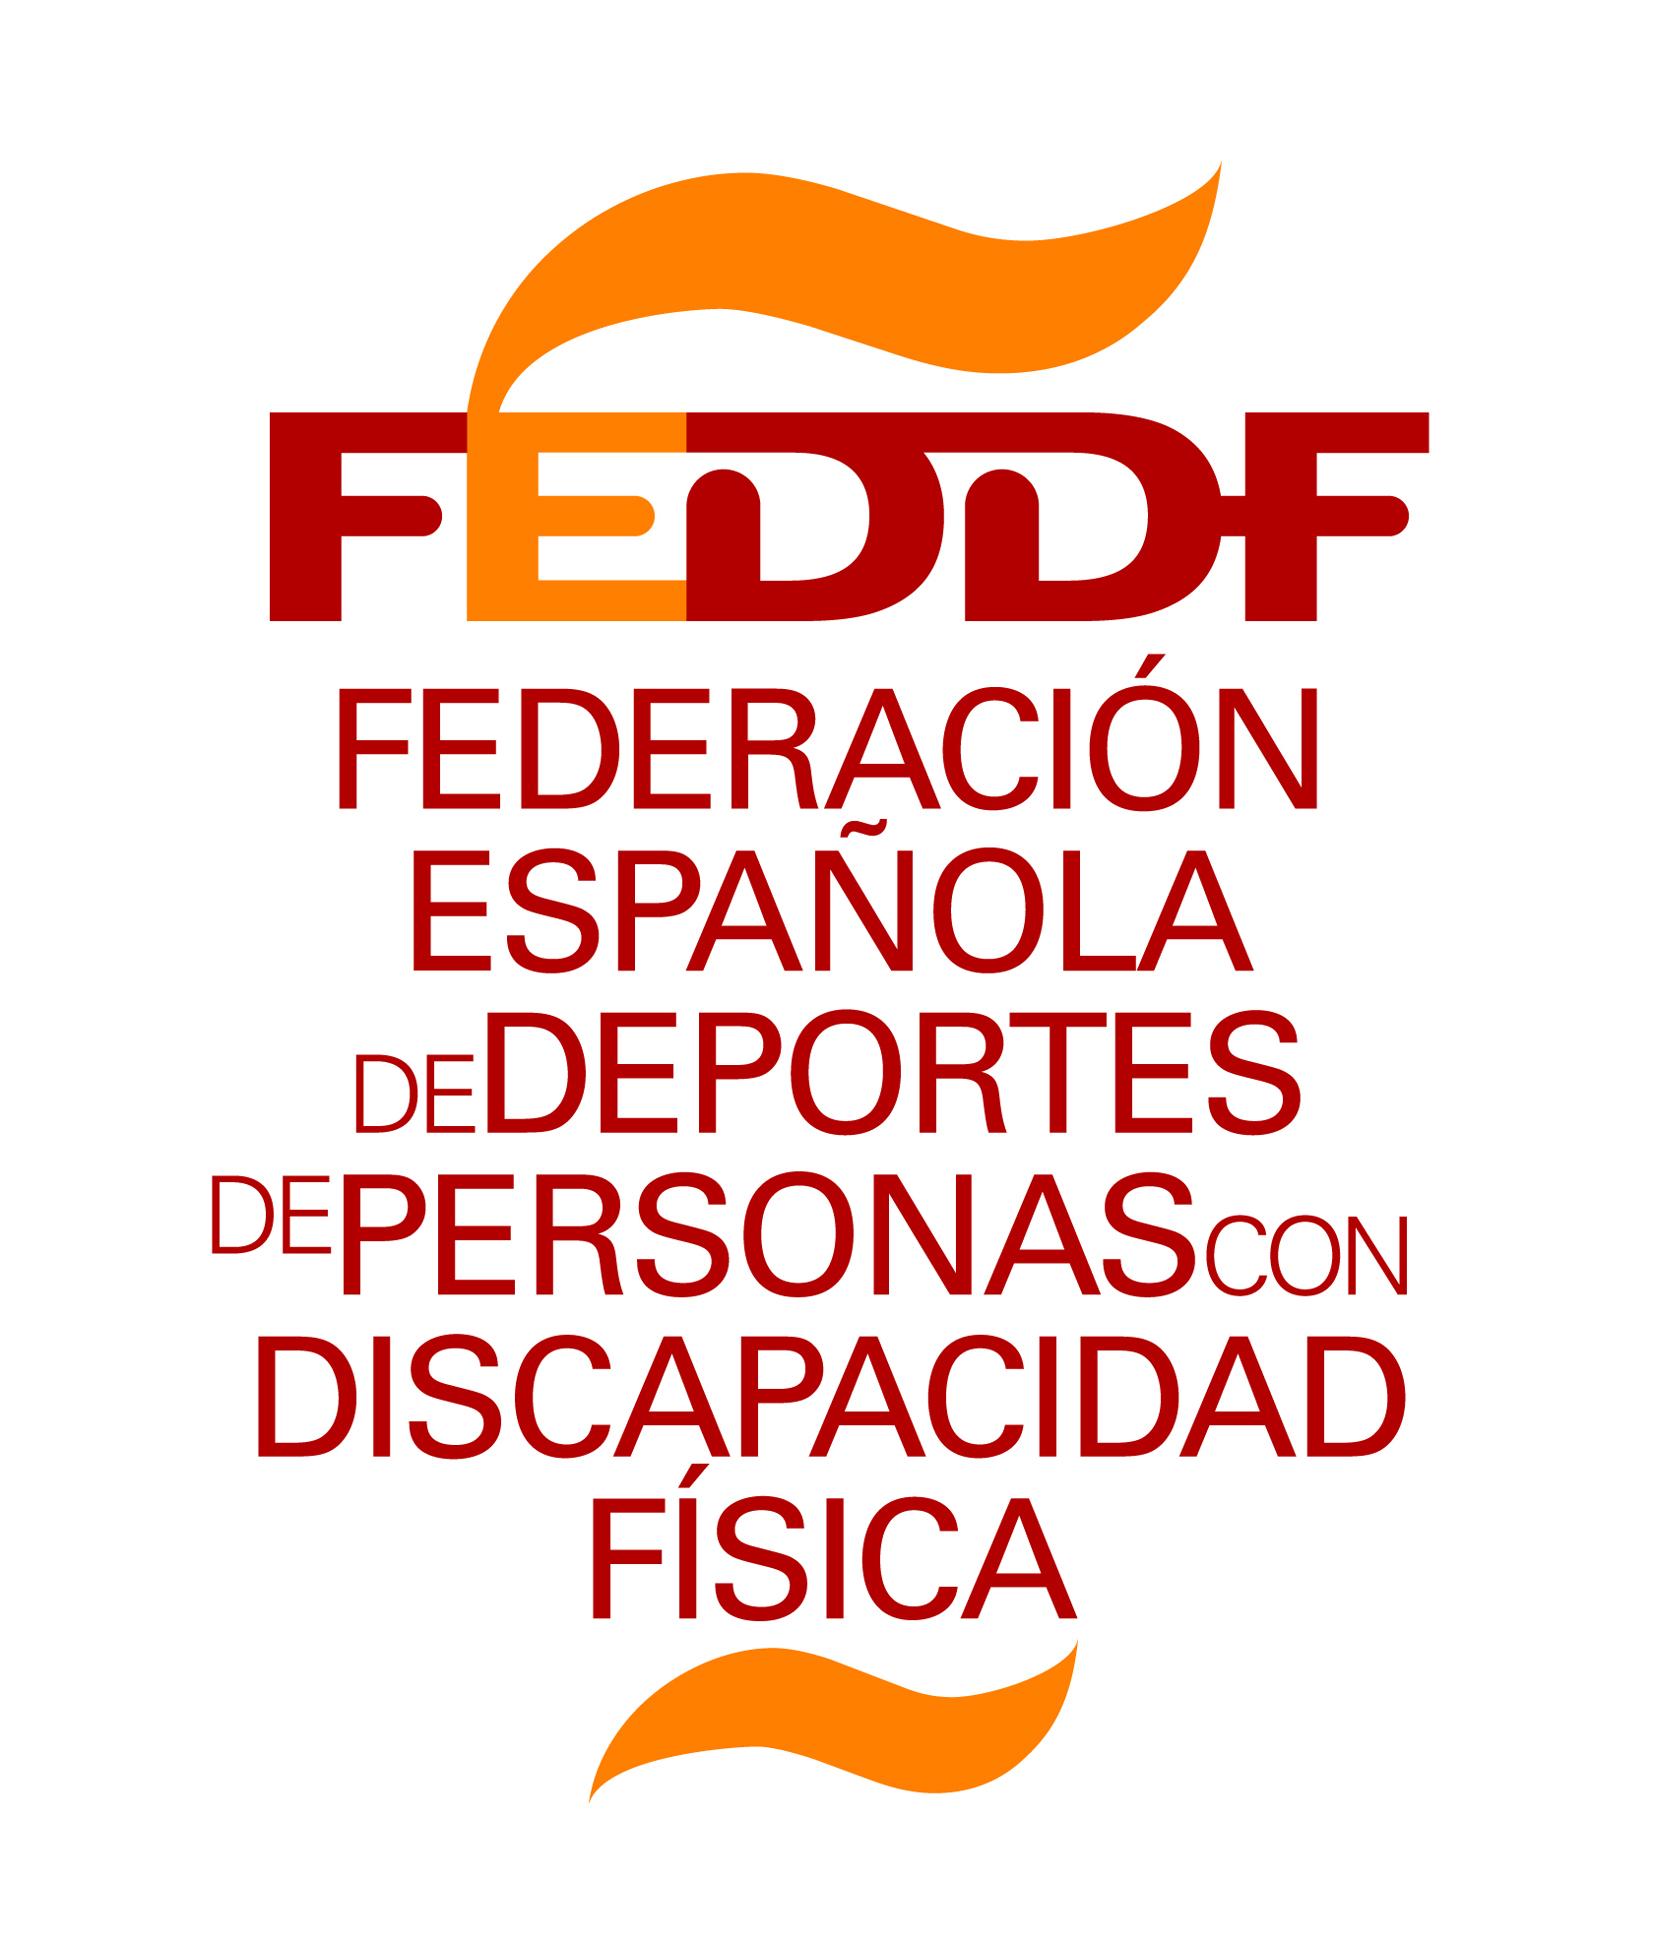 Federación Española de Deportes para personas con discapacidad Física